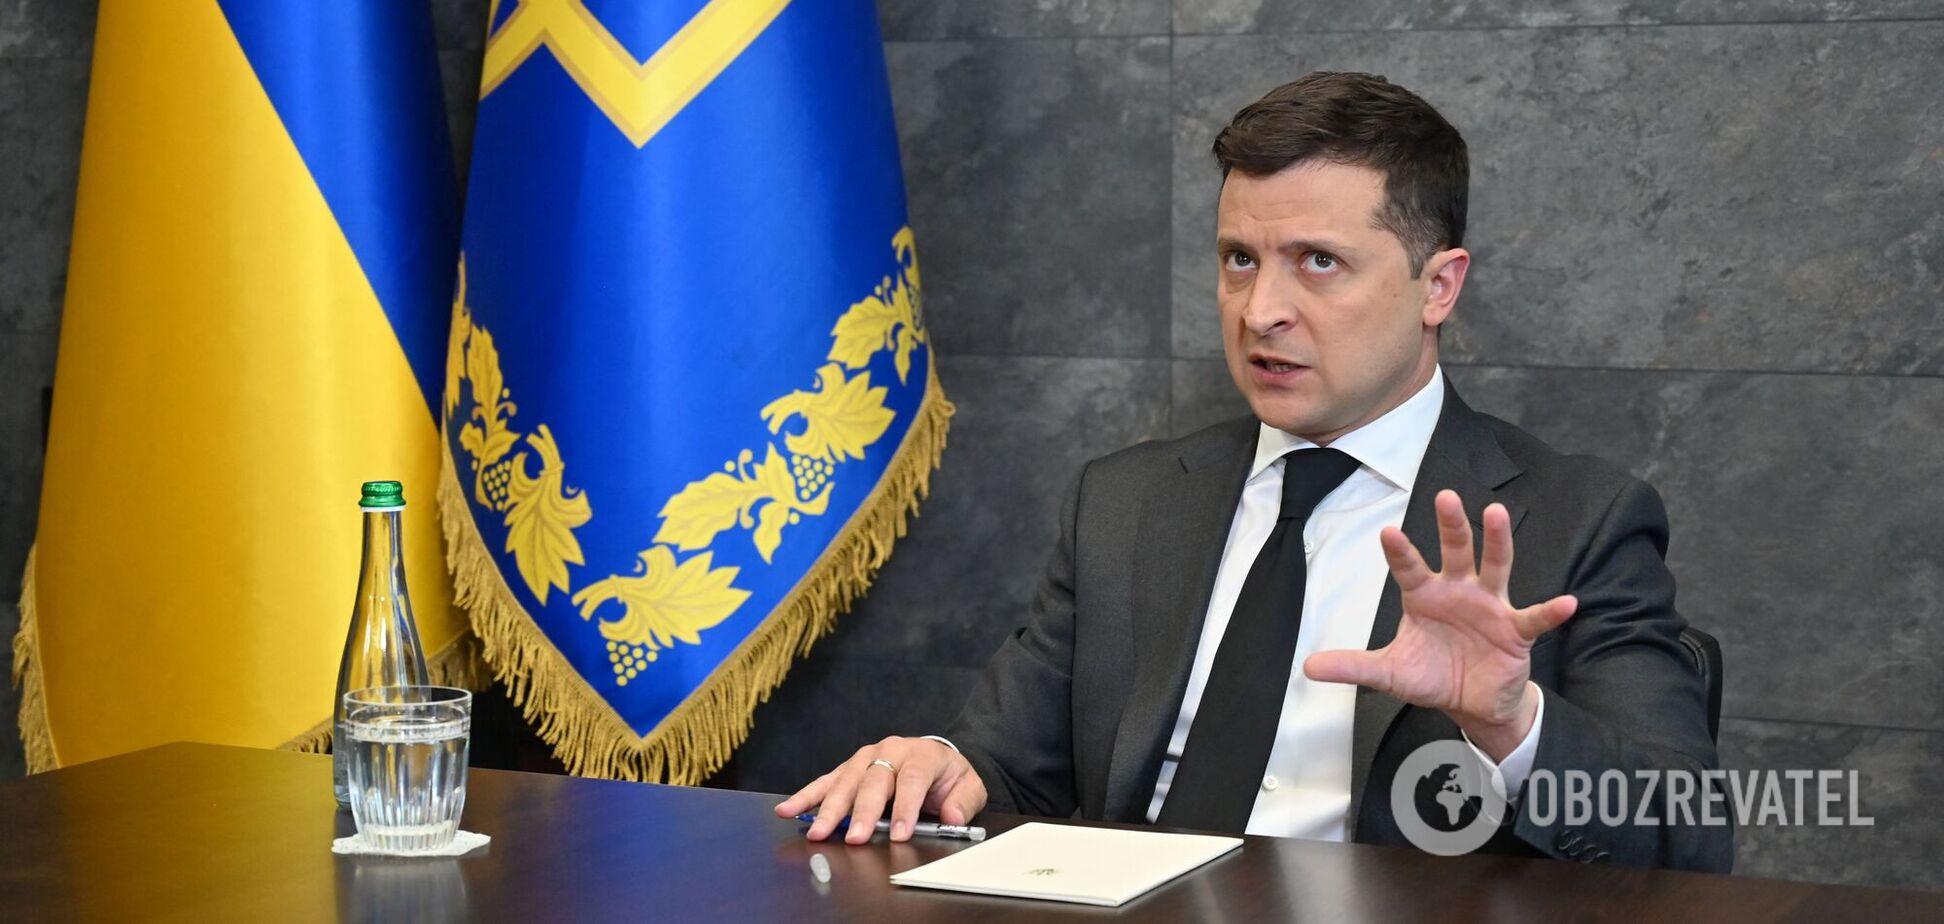 Мир, вступление в НАТО и противодействие РФ: главное из выступления Зеленского на форуме 'Украина 30'